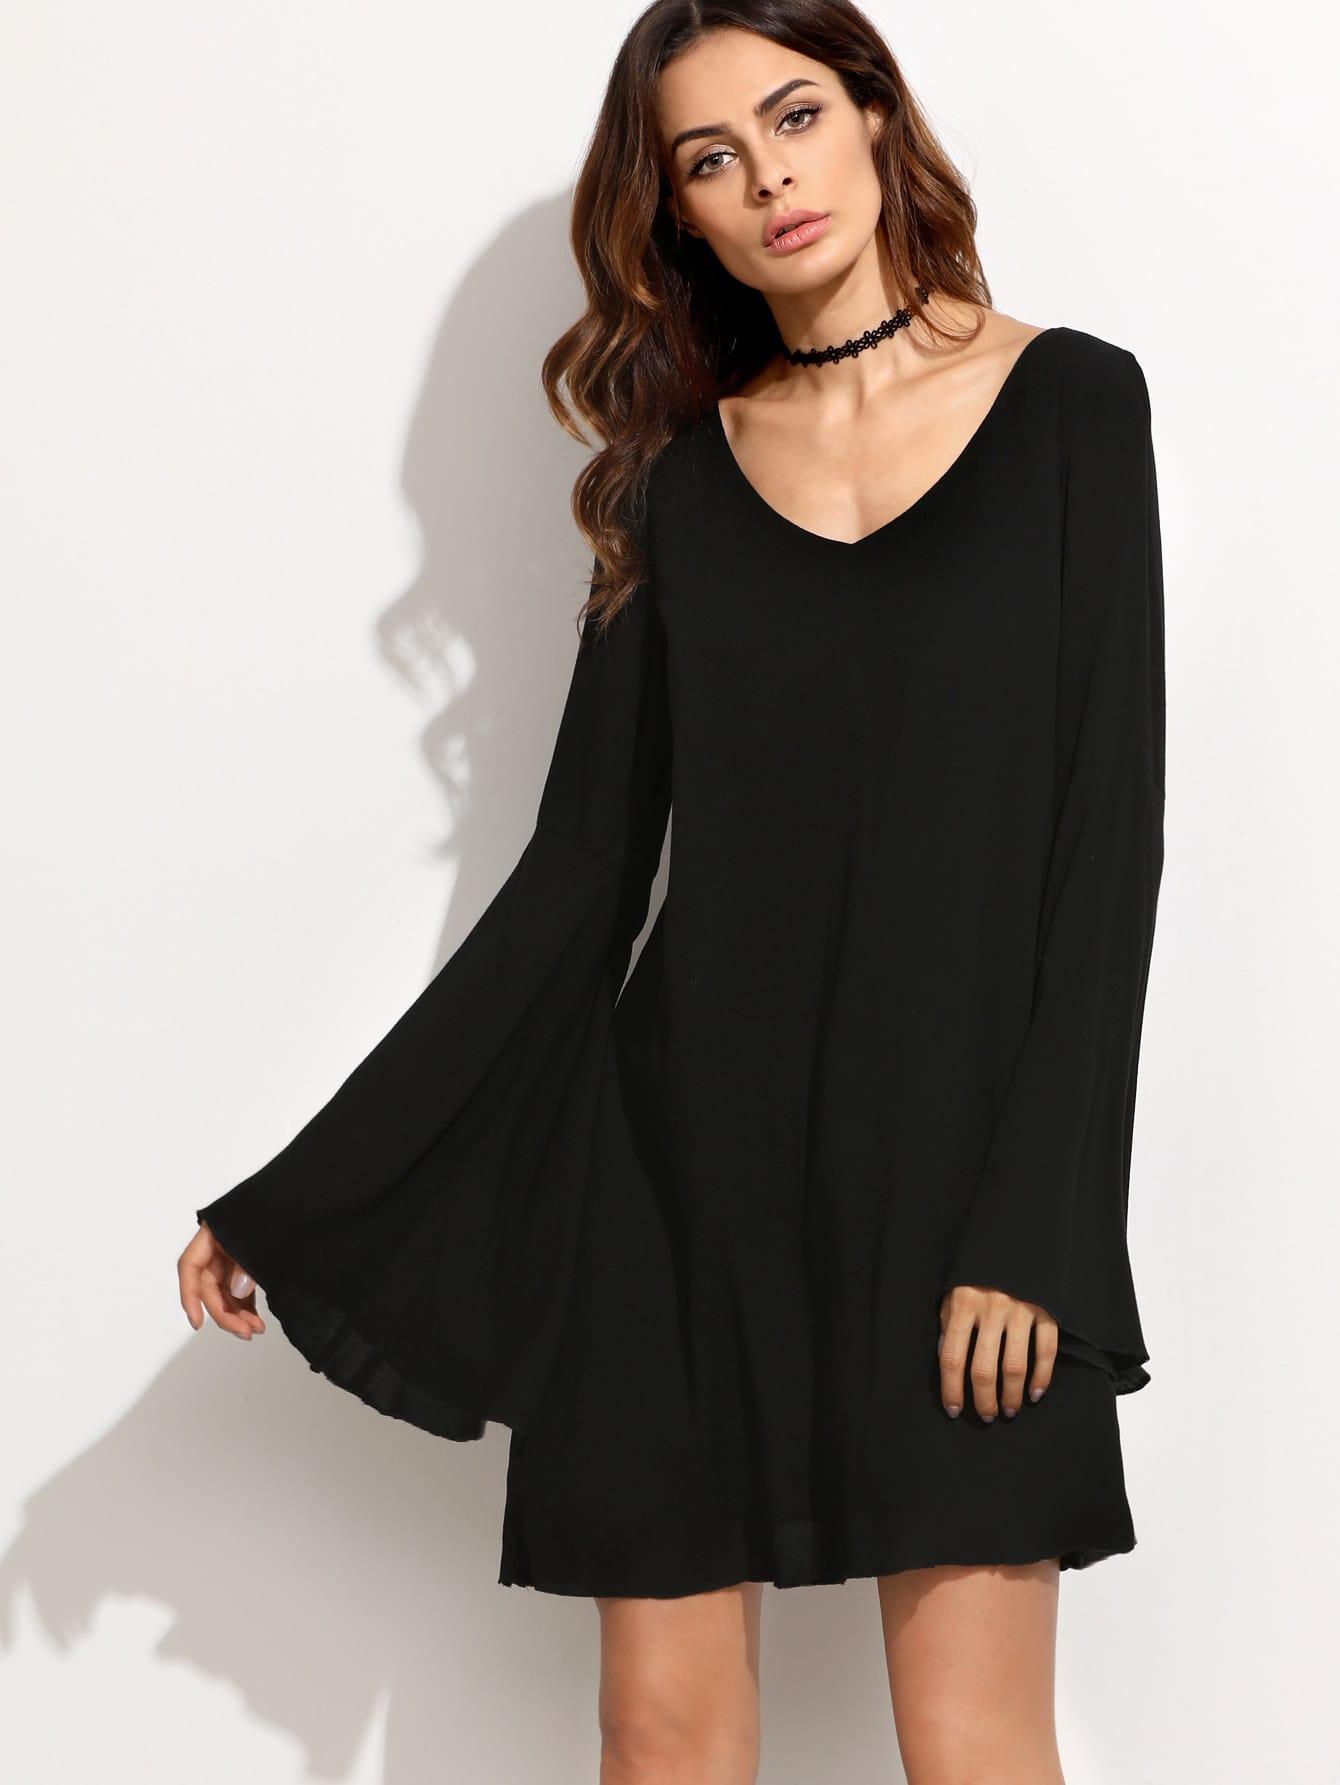 dress160923703_2